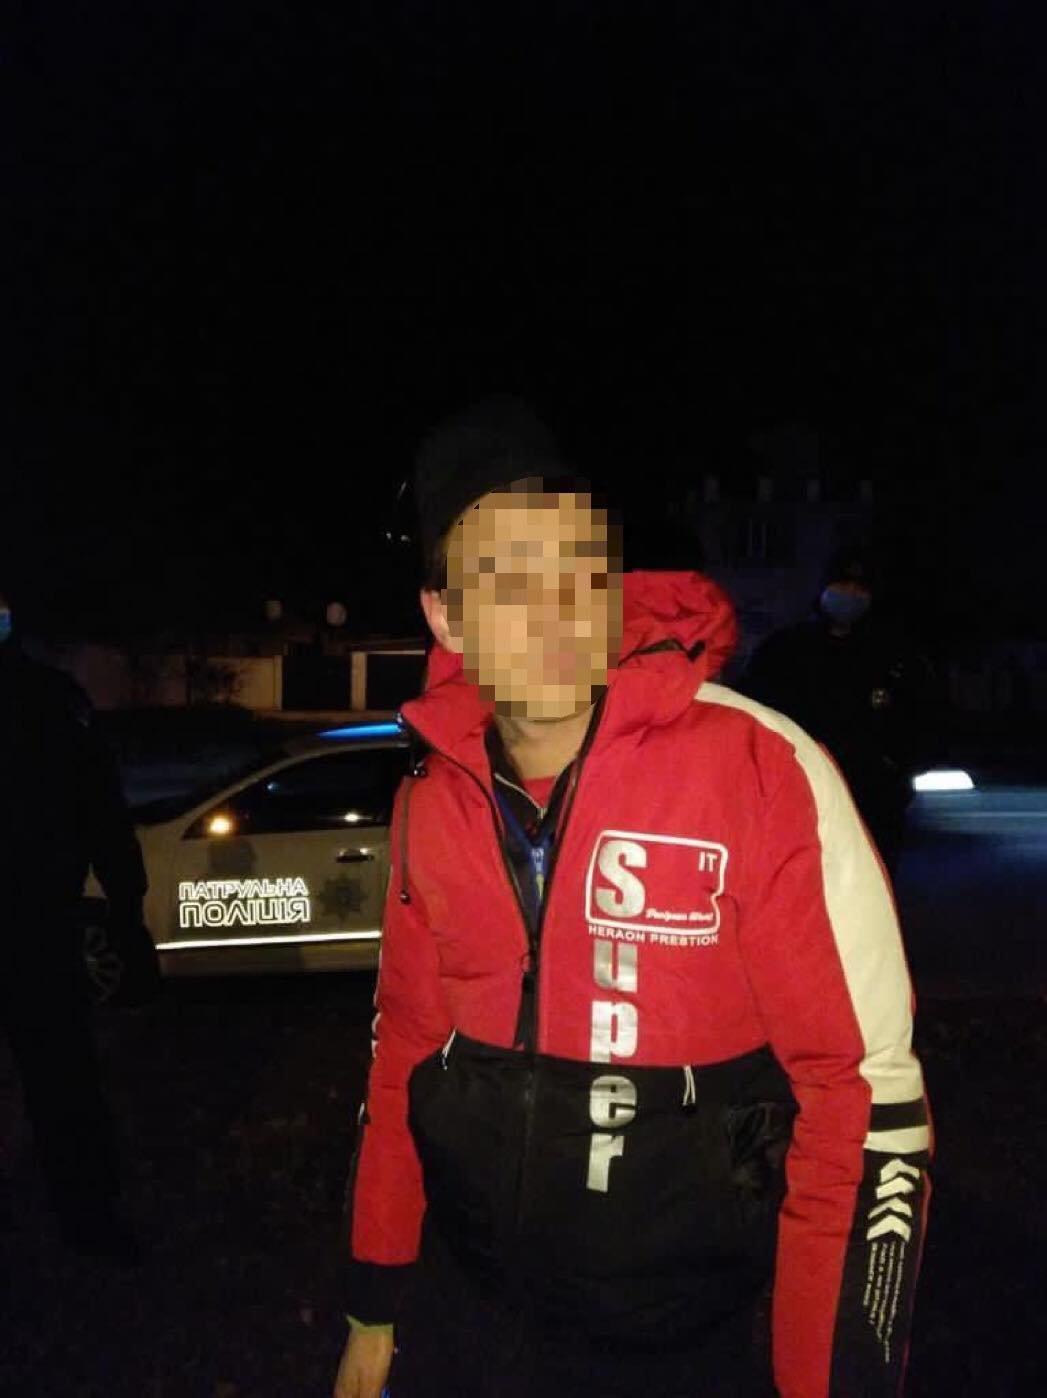 Жестокое избиение и изнасилование пенсионерки в Харькове: задержанному рецидивисту сообщили о подозрении, - ФОТО, фото-1